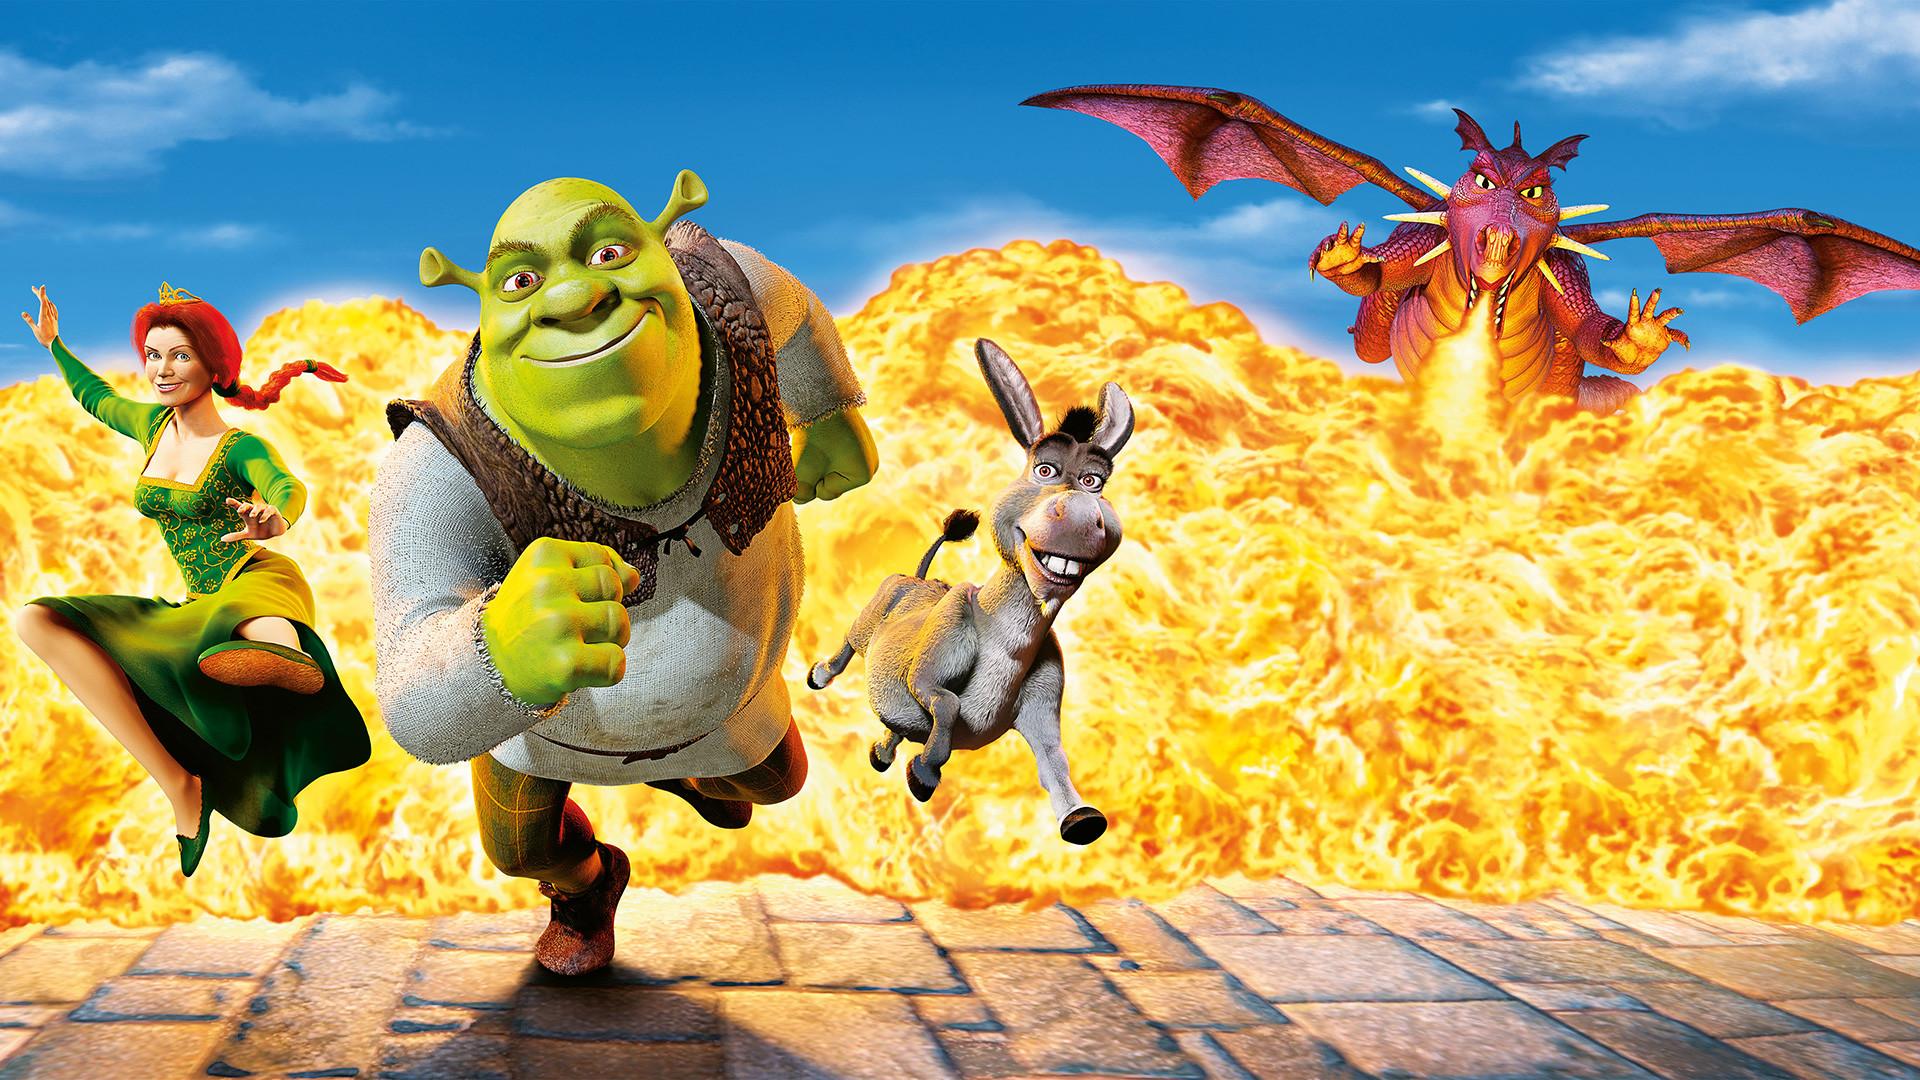 Shrek 2 Hindi